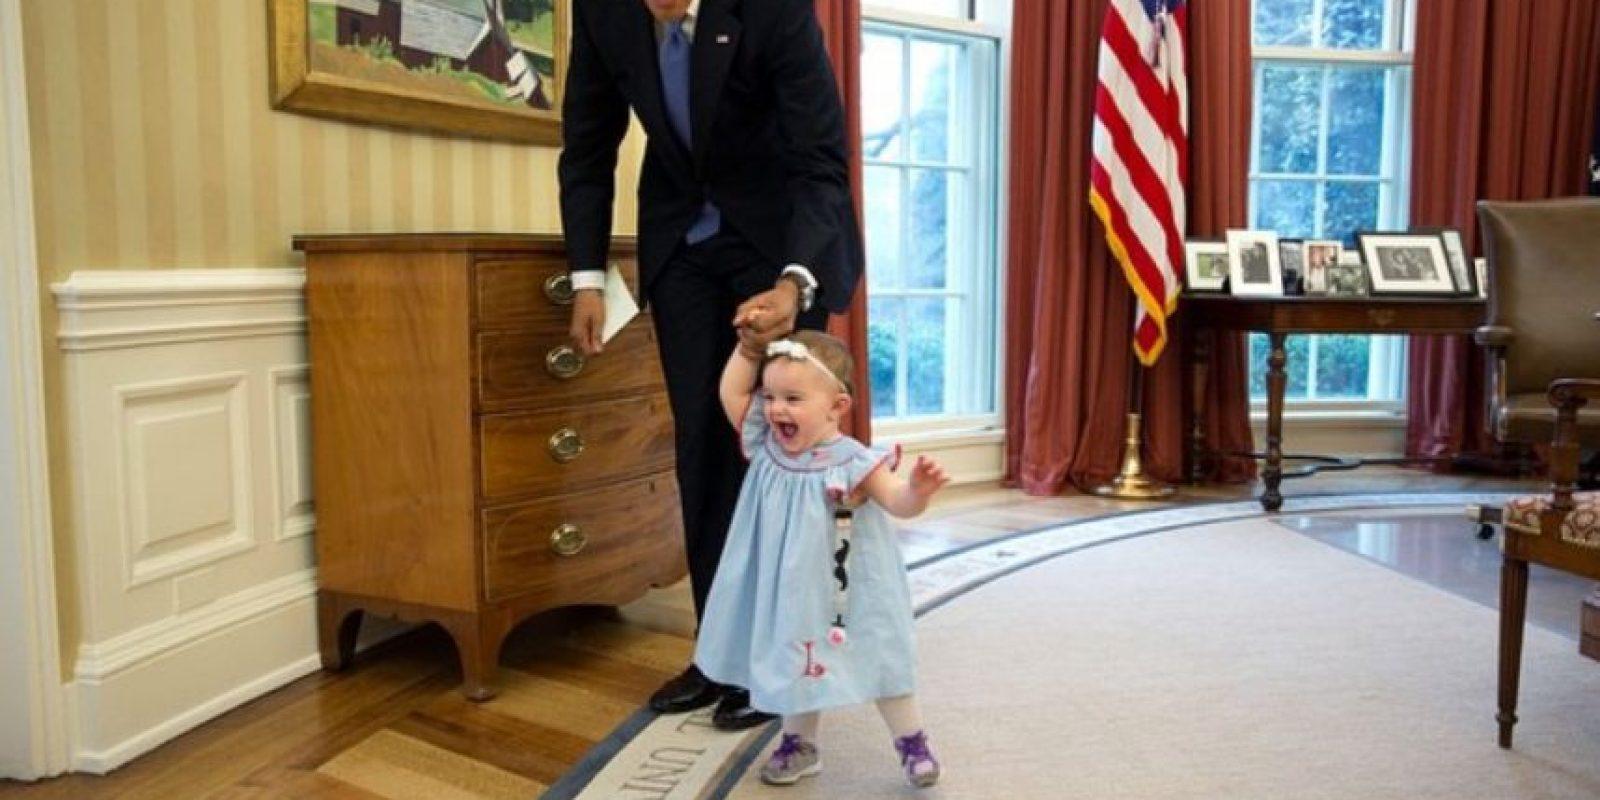 Una pequeña caminata a nadie le hace daño. Foto:Vía whitehouse.gov/photos